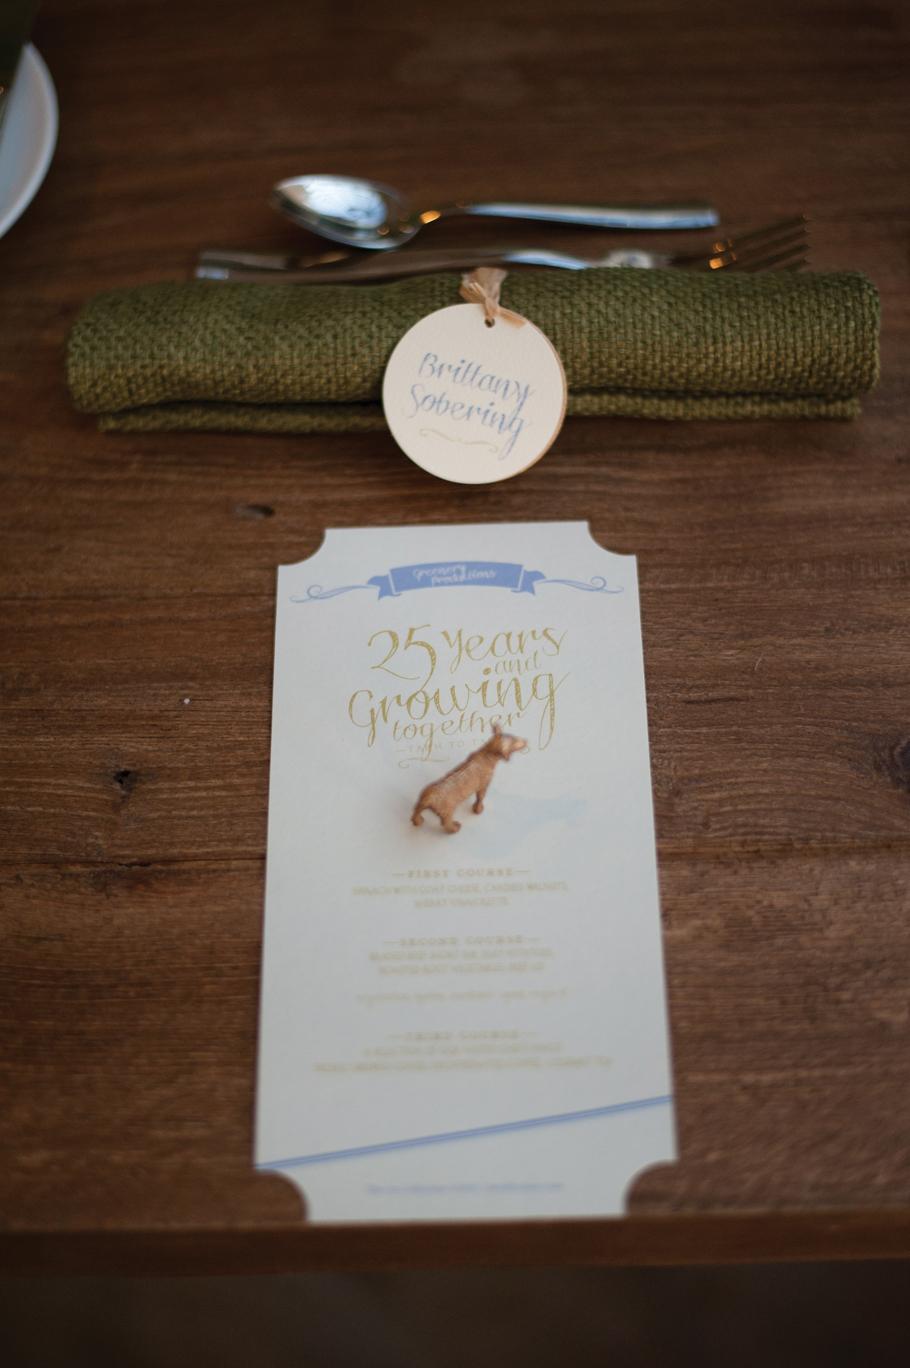 Greenery Event-Menu & Placecard 2- ONSITE.jpg